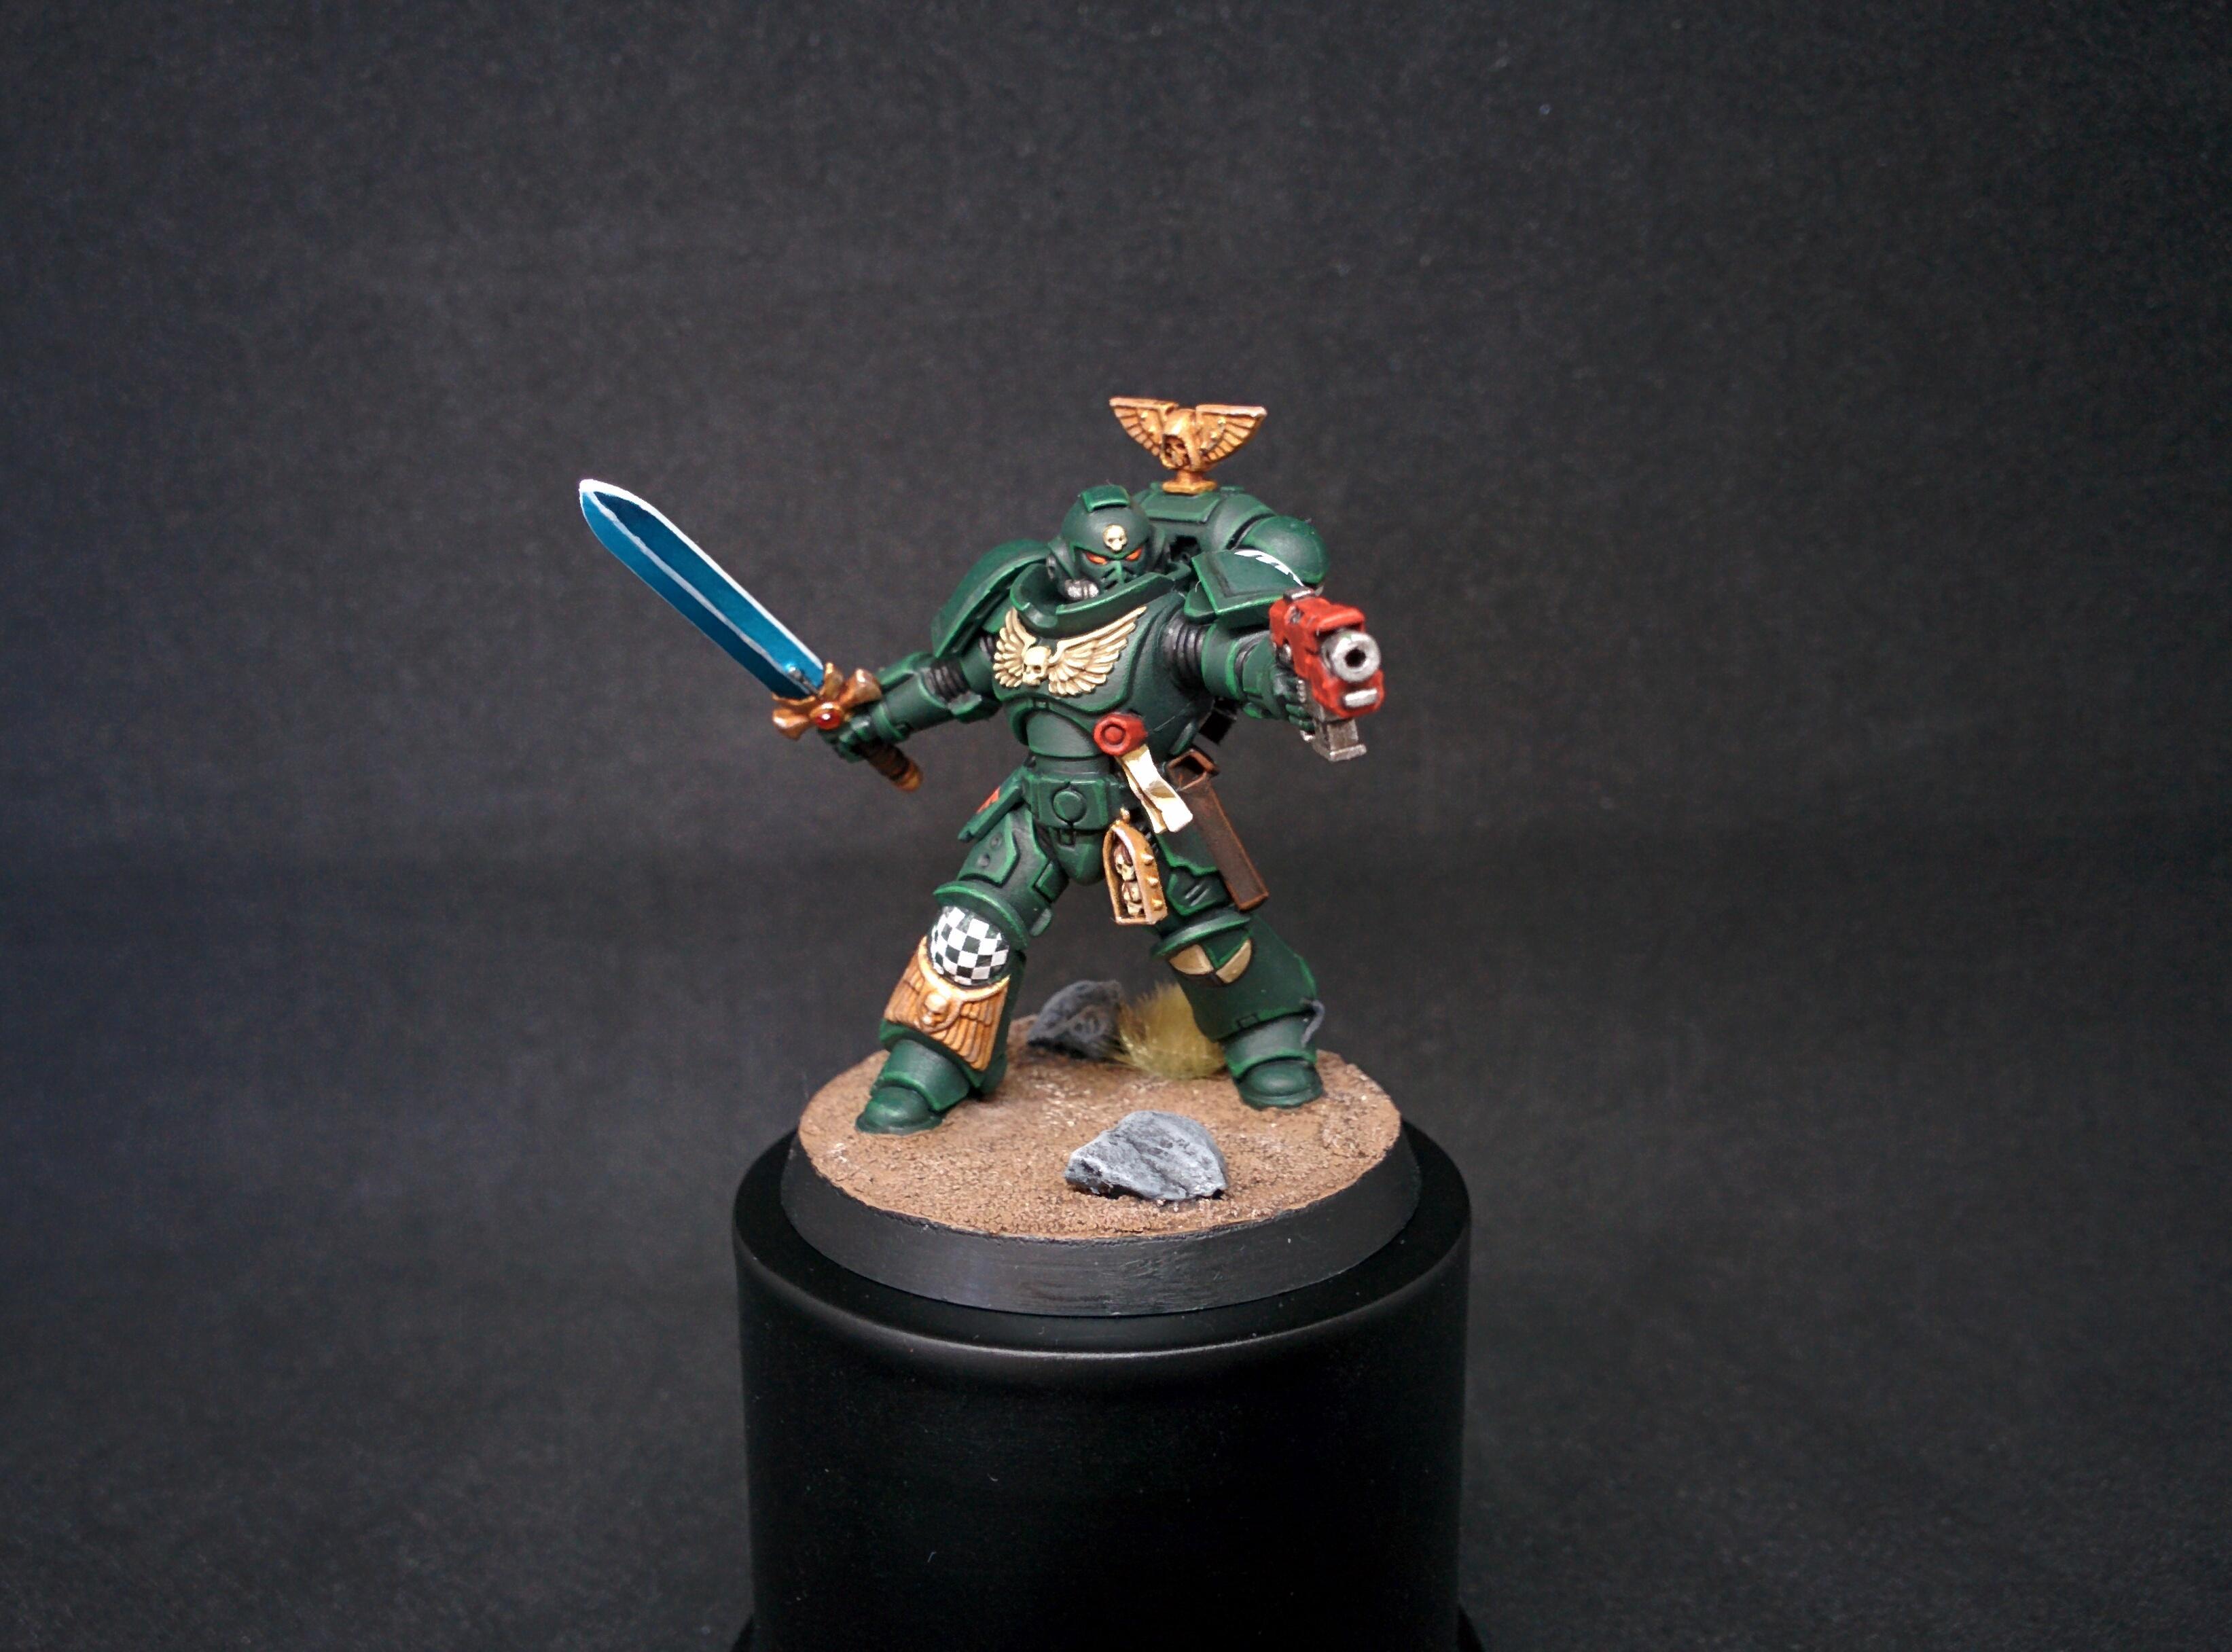 Dark Angels, Dark Imperium, Lieutenant, Miniatures, Primaris, Primaris Space Marine, Space Marines, Warhammer 40,000